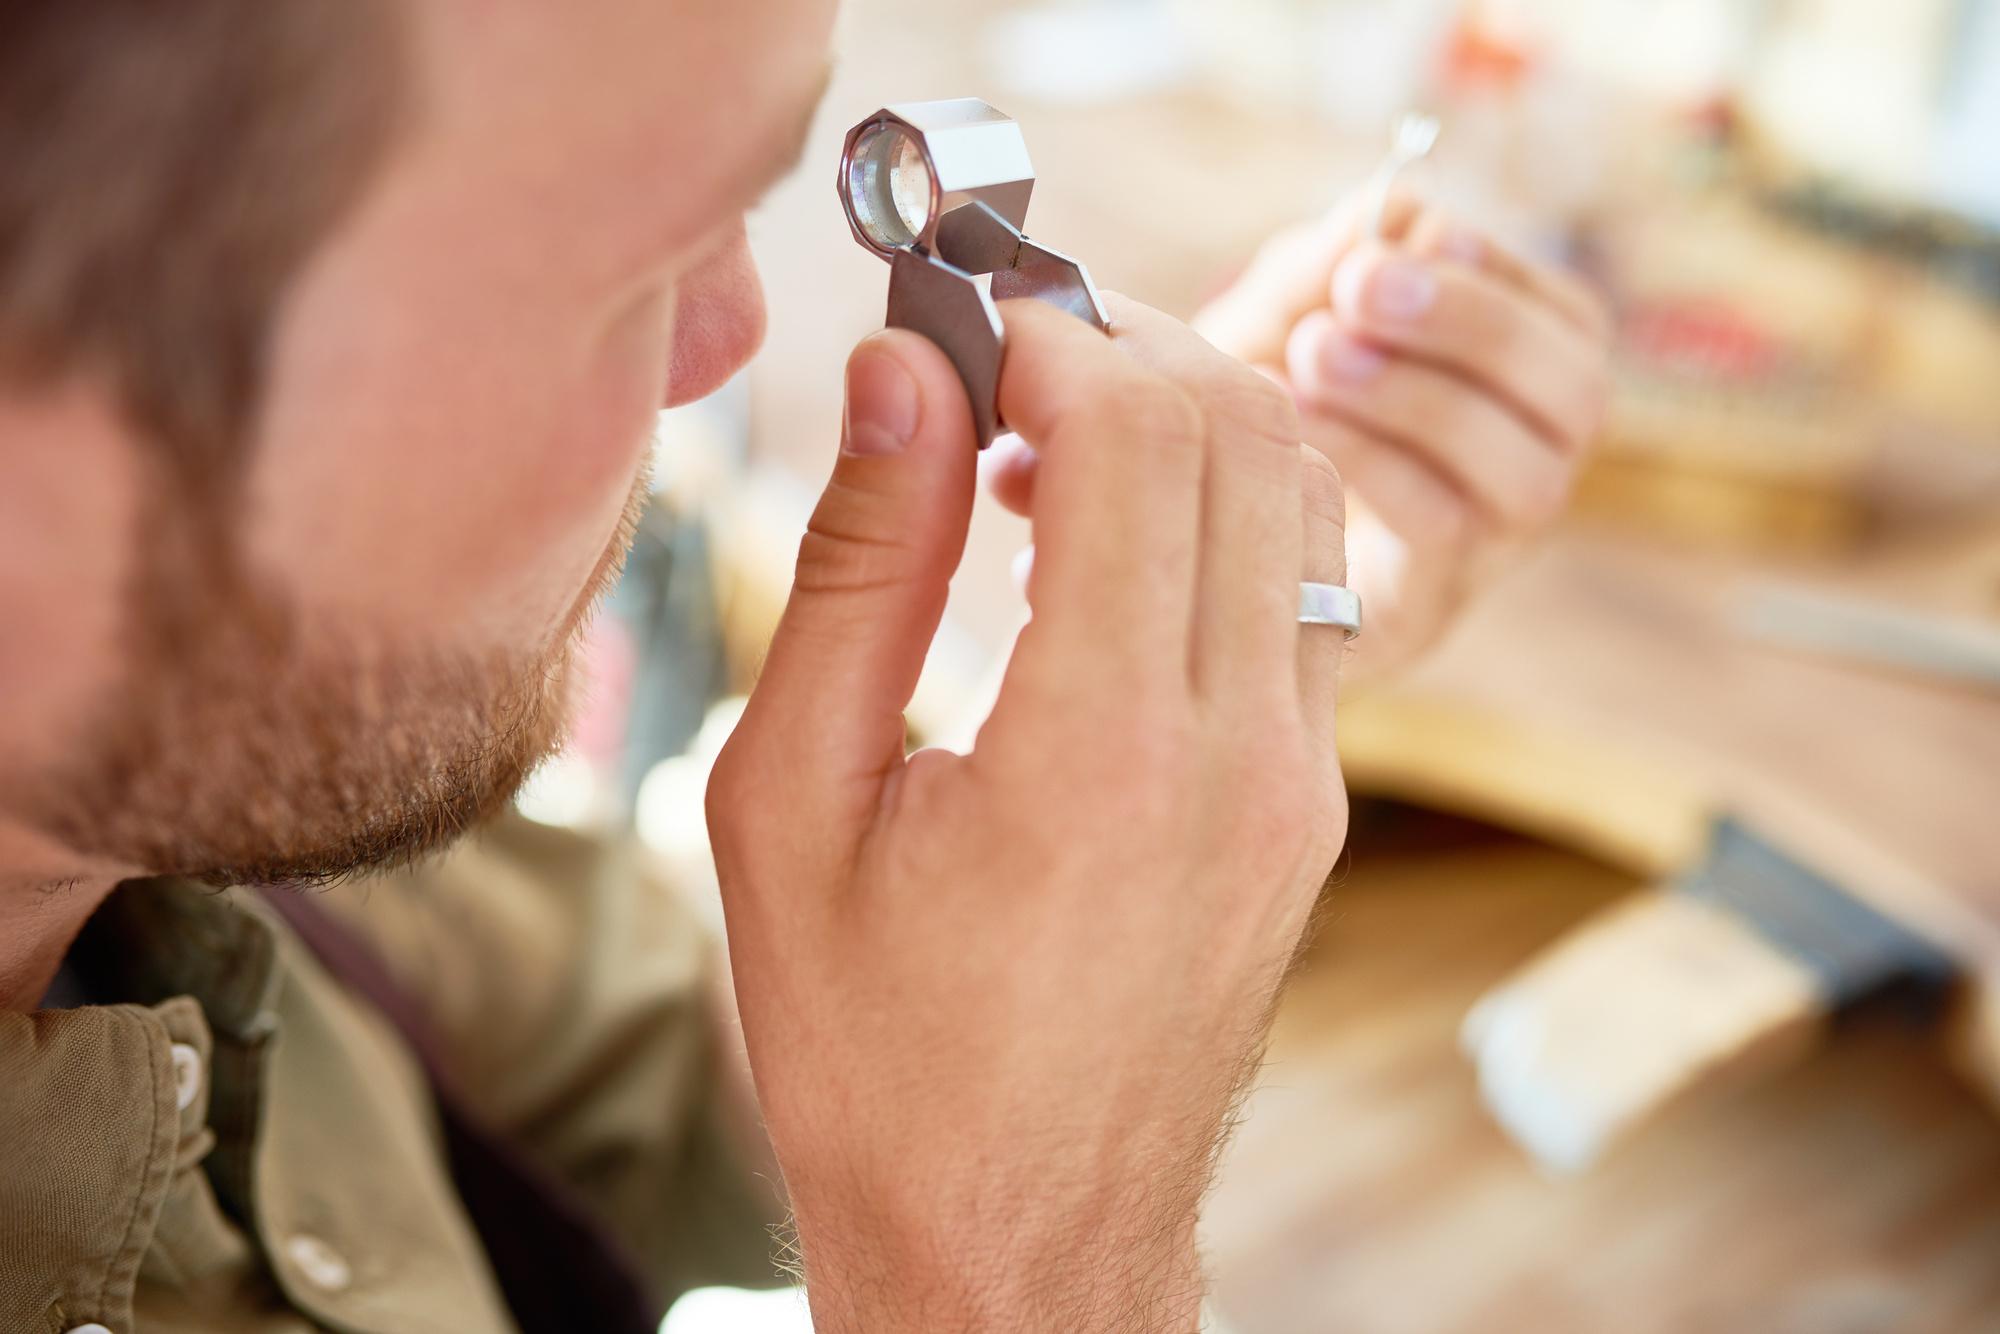 man at pawnshop appraising ring